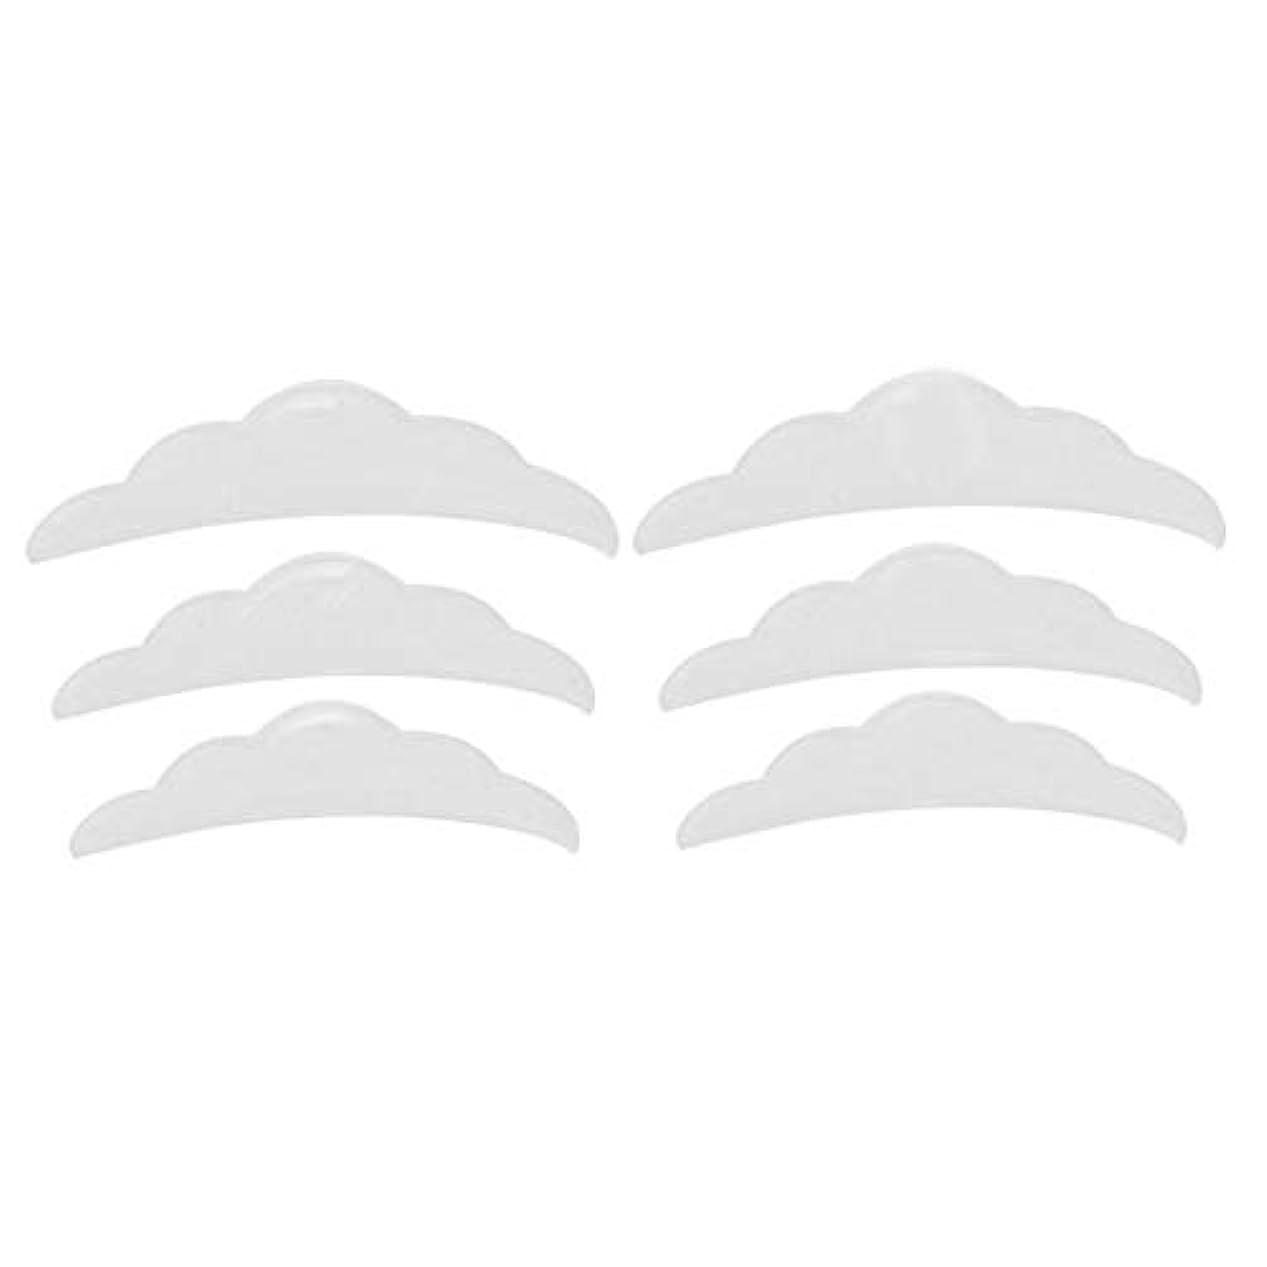 ランドマーク最大の陰謀シリコンまつげリフトリフティングカーラーラッシュシールドパッド小中大